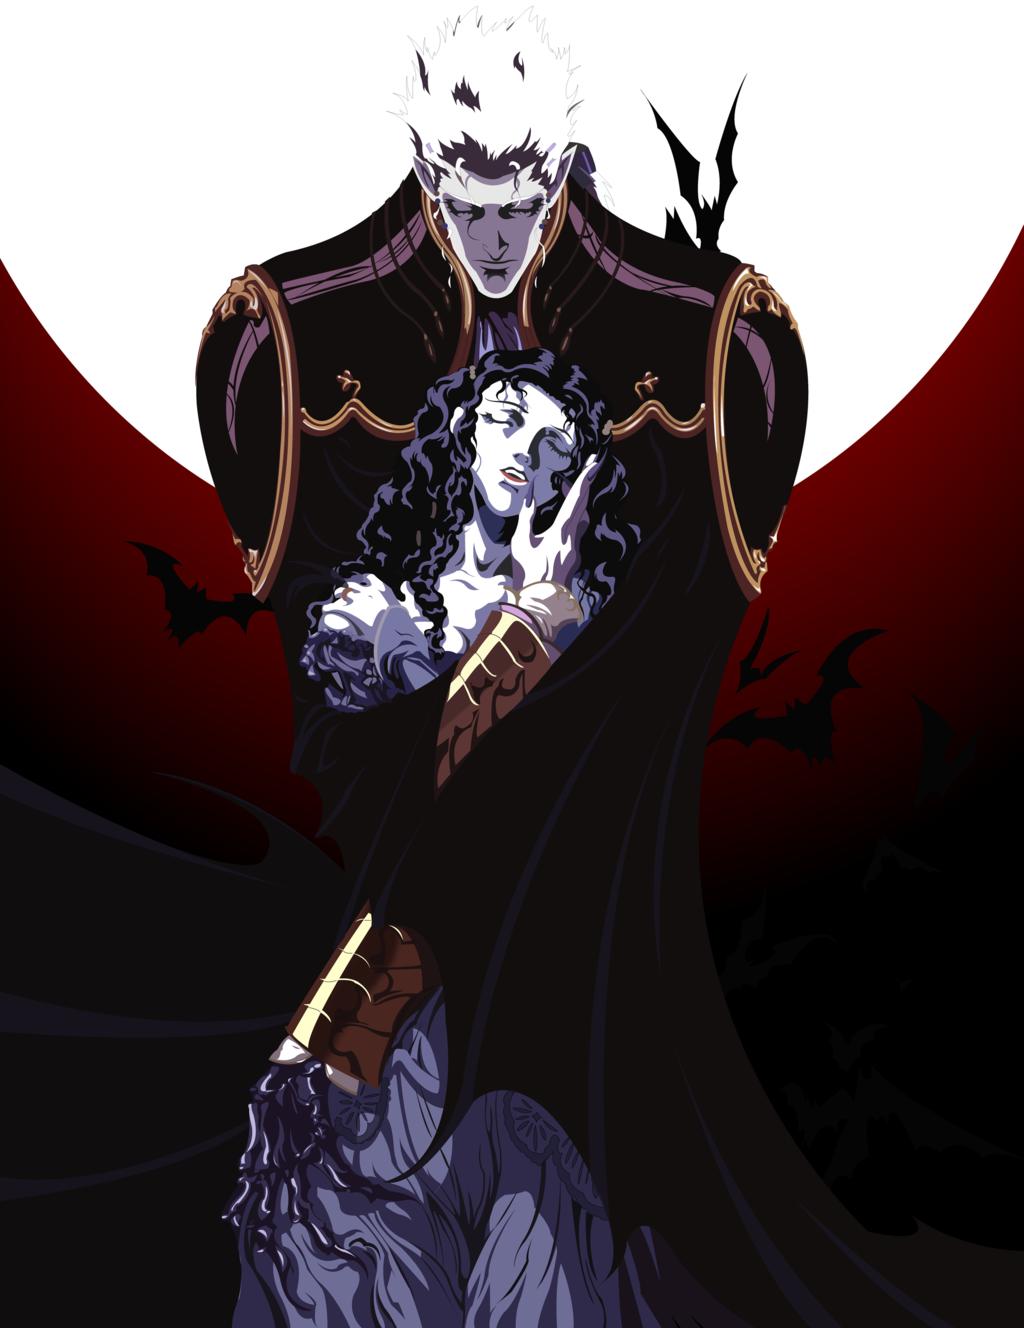 Vampire Hunter D Anime Characters : Baron meier link charlotte from vampire hunter d by